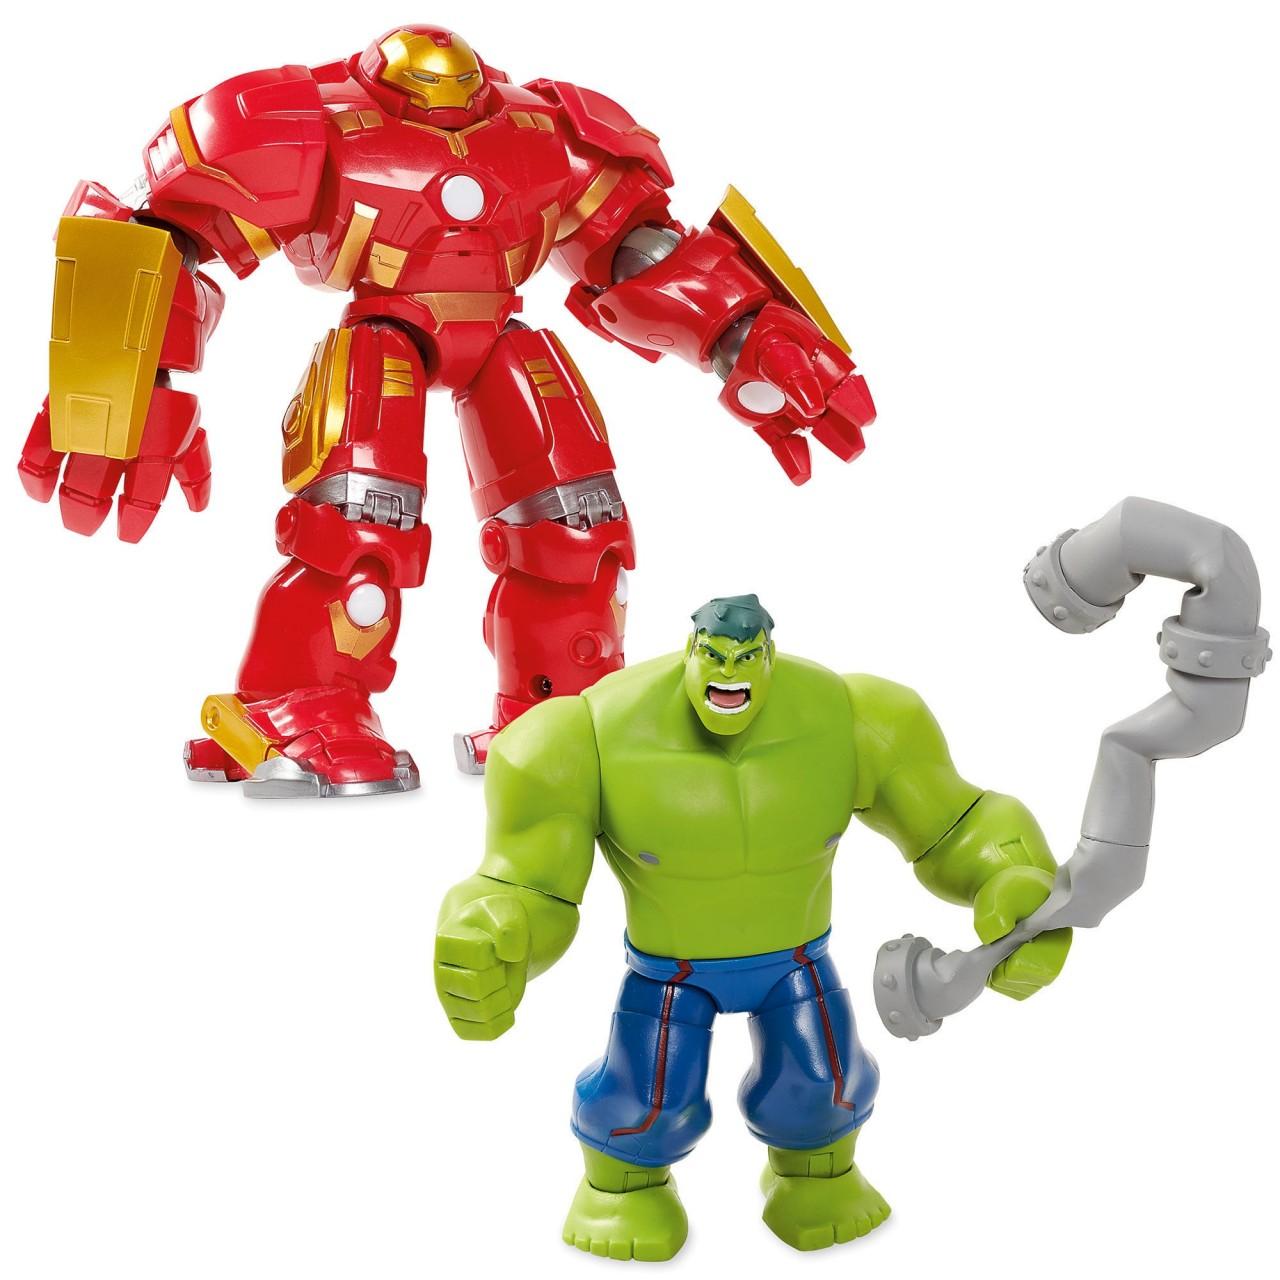 """Интерактивный набор Халк и Халкбастер """"Мстители Марвел"""" от Disney"""